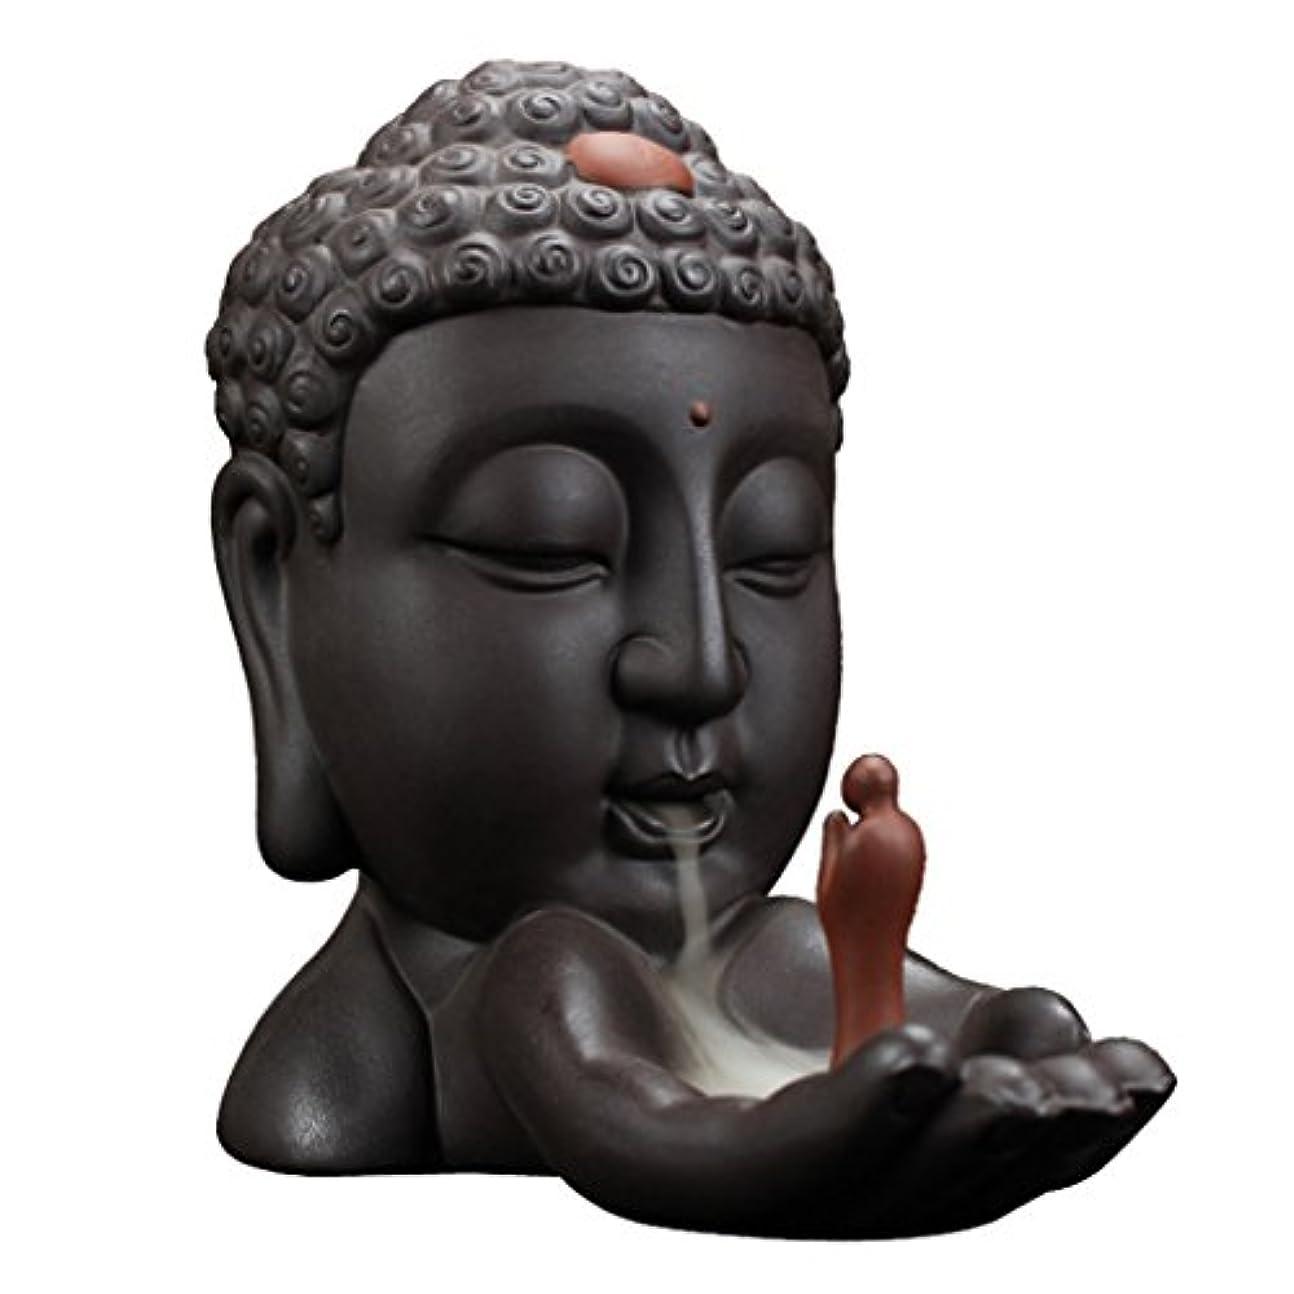 報復まっすぐにする家事仏教 香のバーナー セラミック スティック コーン ホルダー 逆流 バーナー 香炉